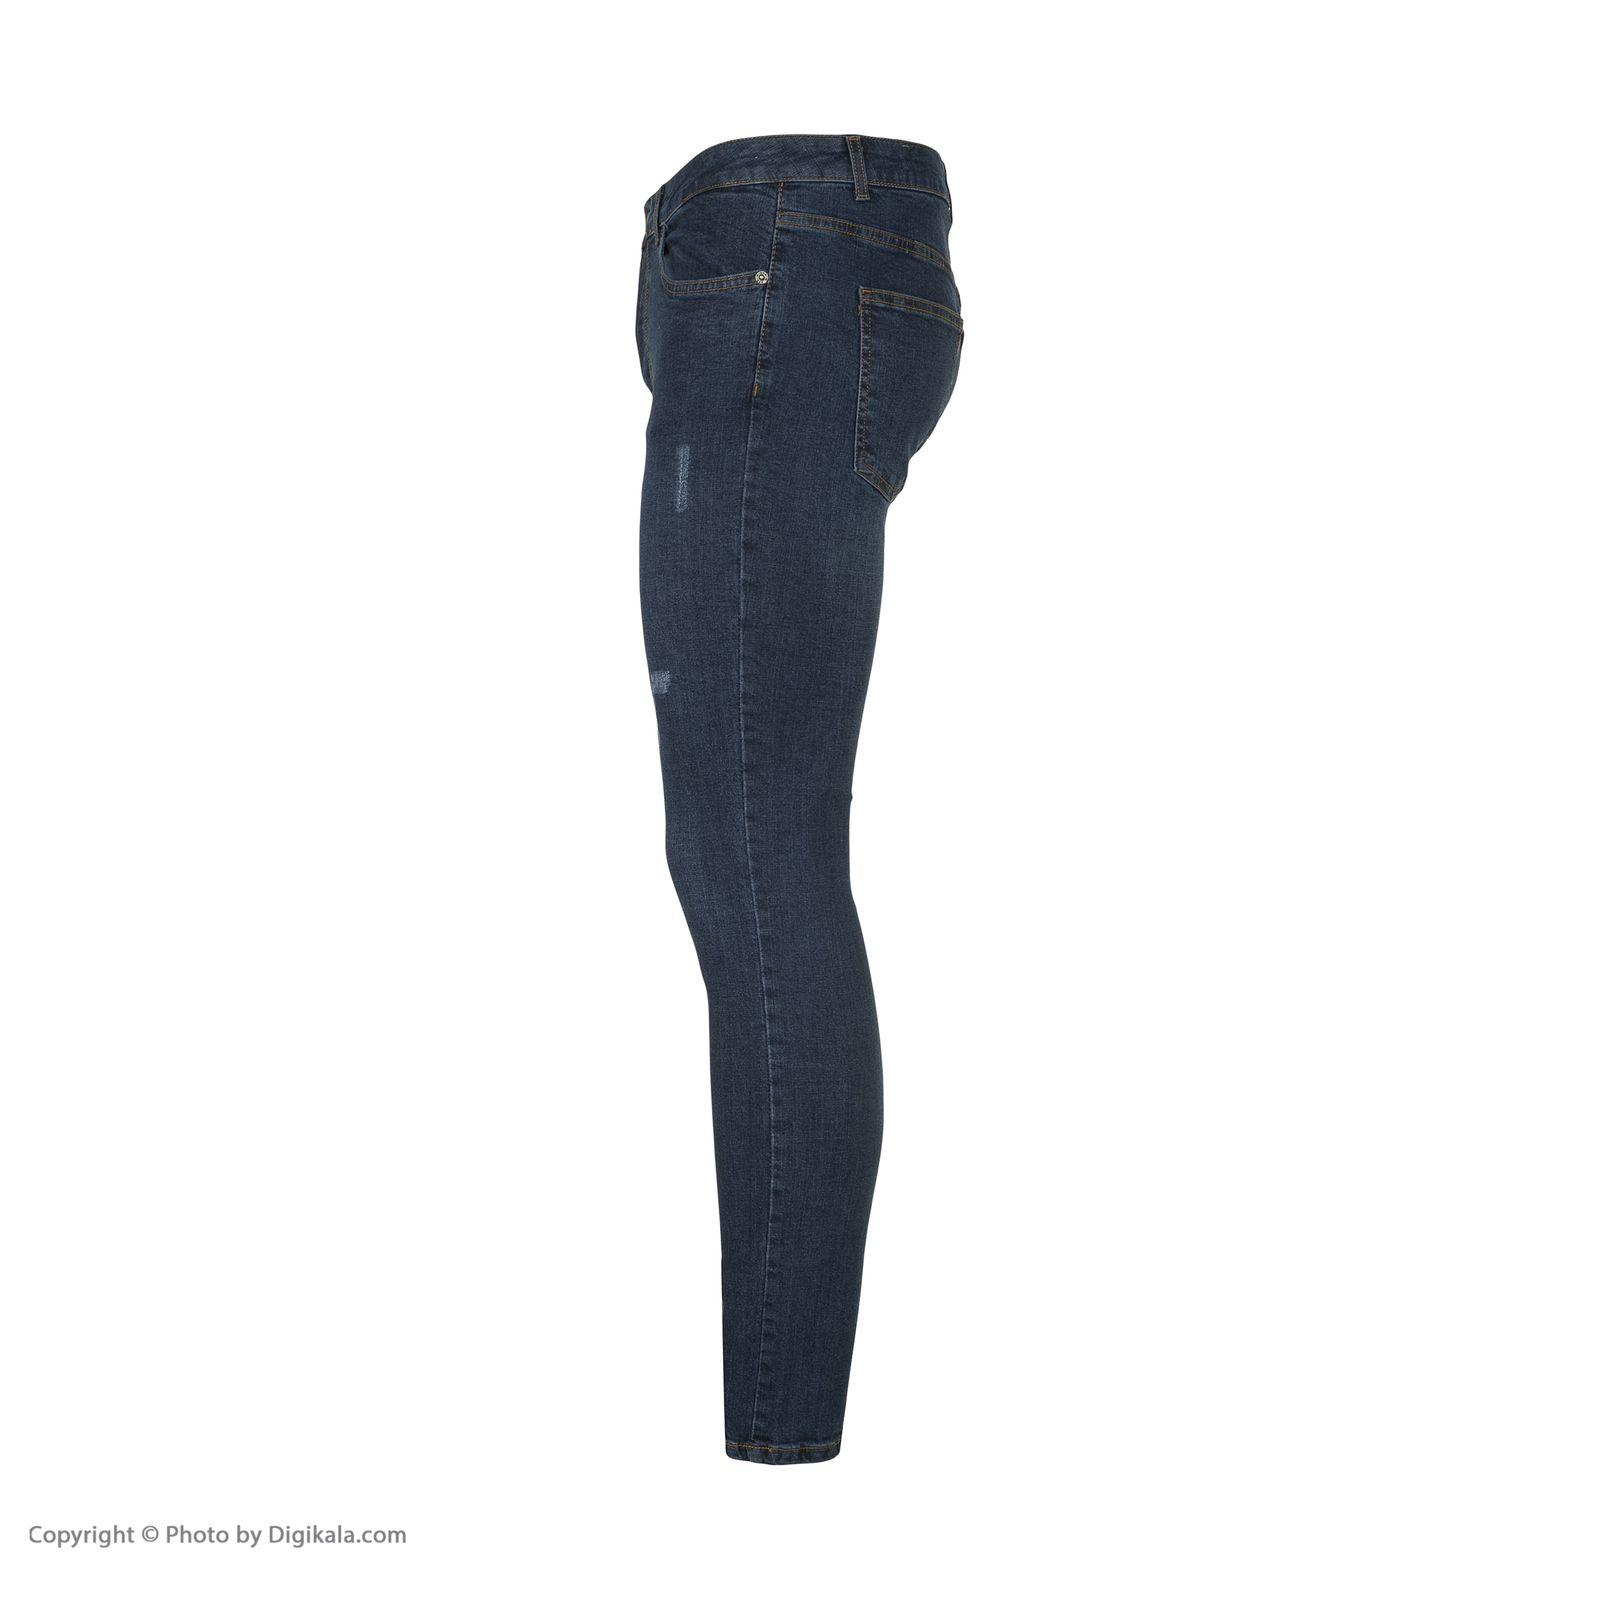 شلوار جین مردانه آر اِن اِس مدل 133051-59 -  - 3